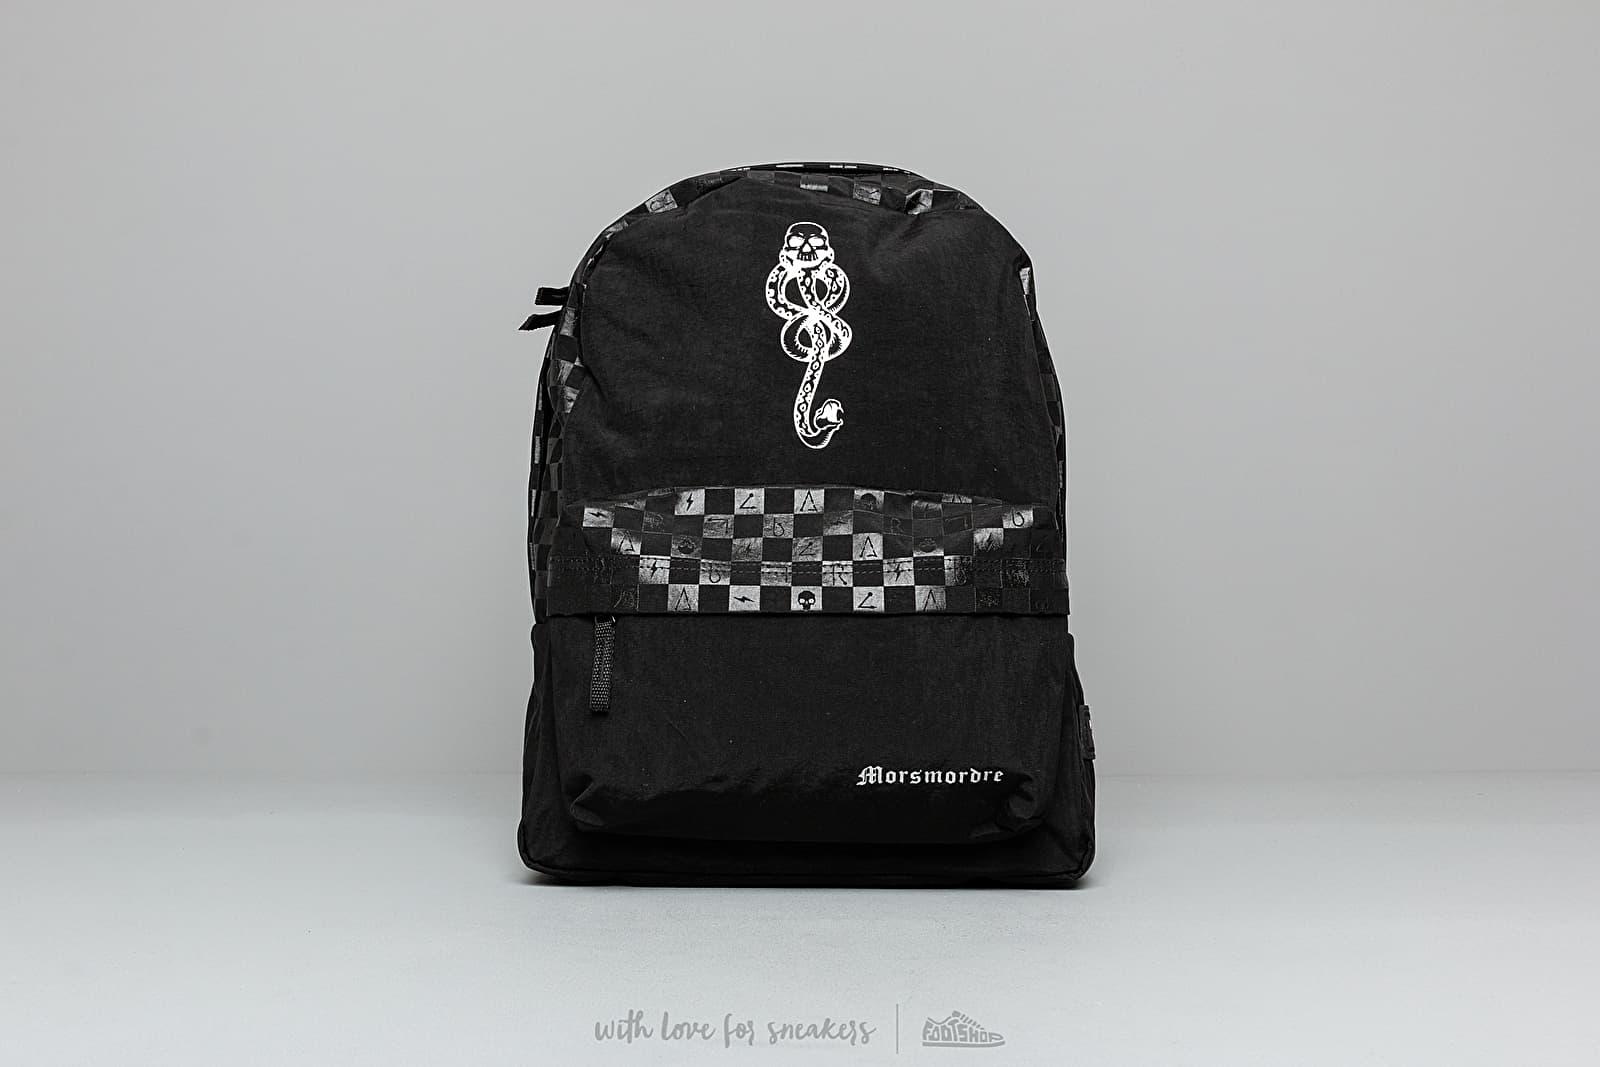 Vans x Harry Potter Dark Arts Backpack za skvělou cenu 890 Kč koupíte na Footshop.cz